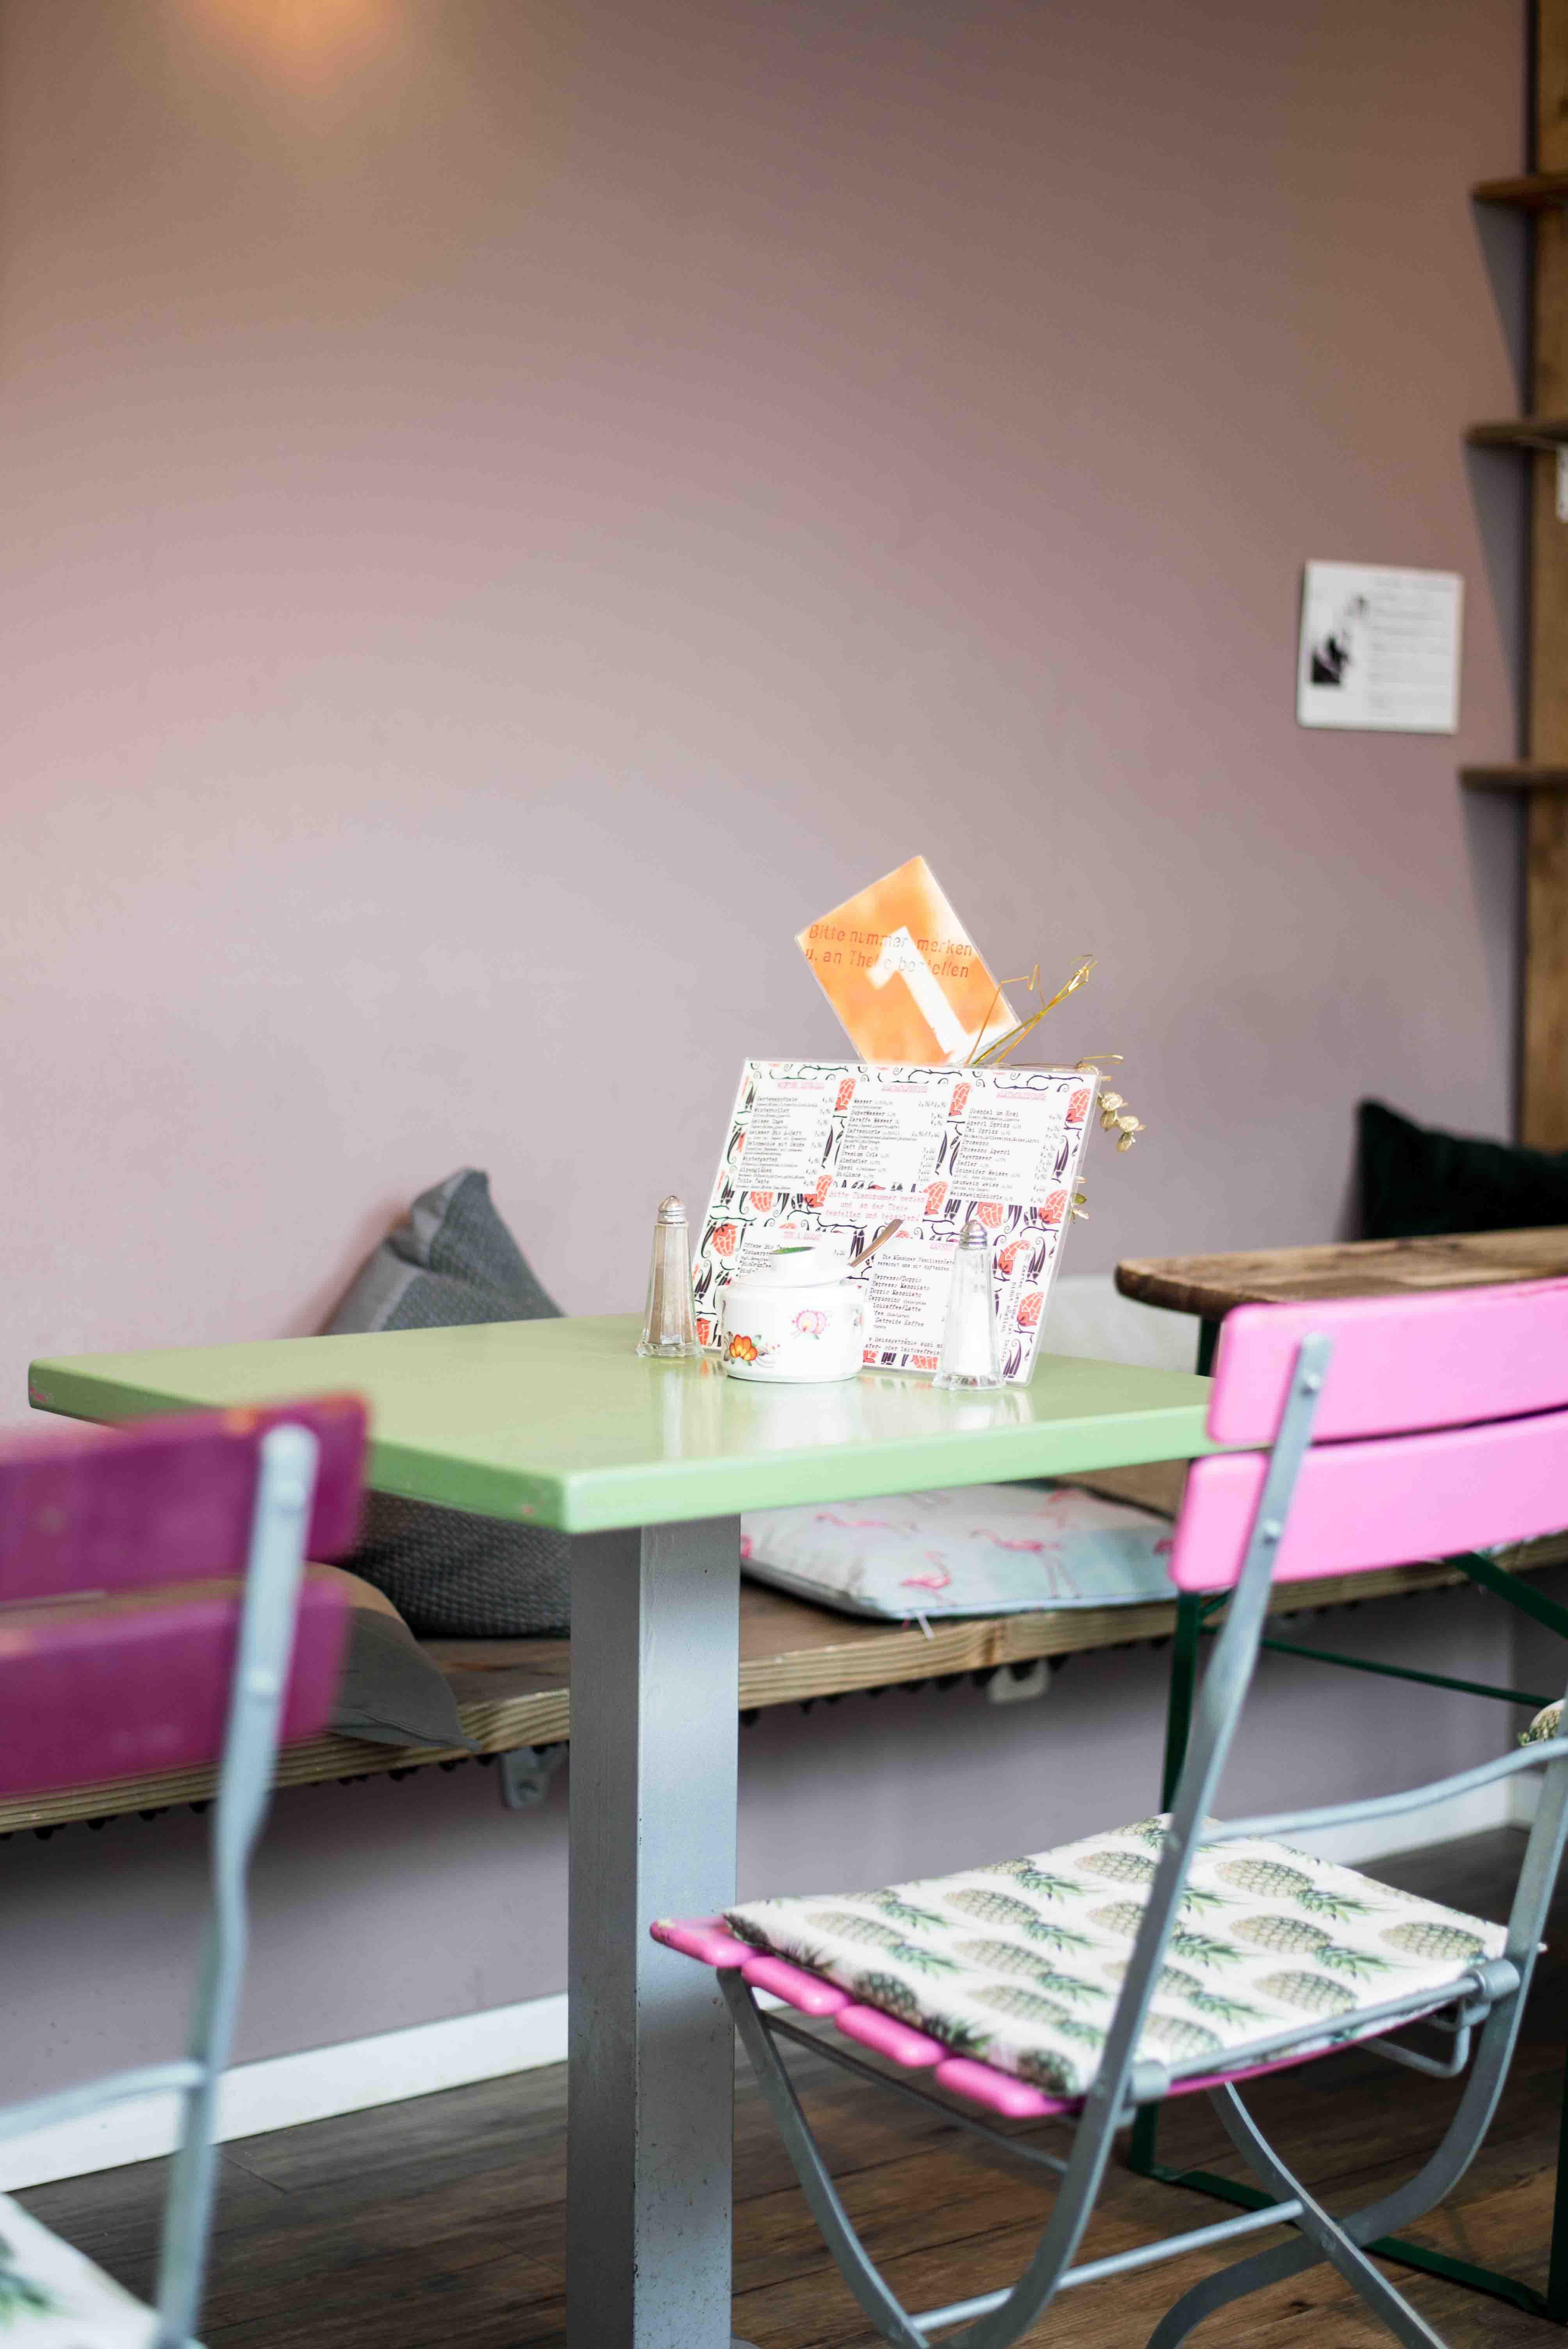 Das Café Gartensalon in München